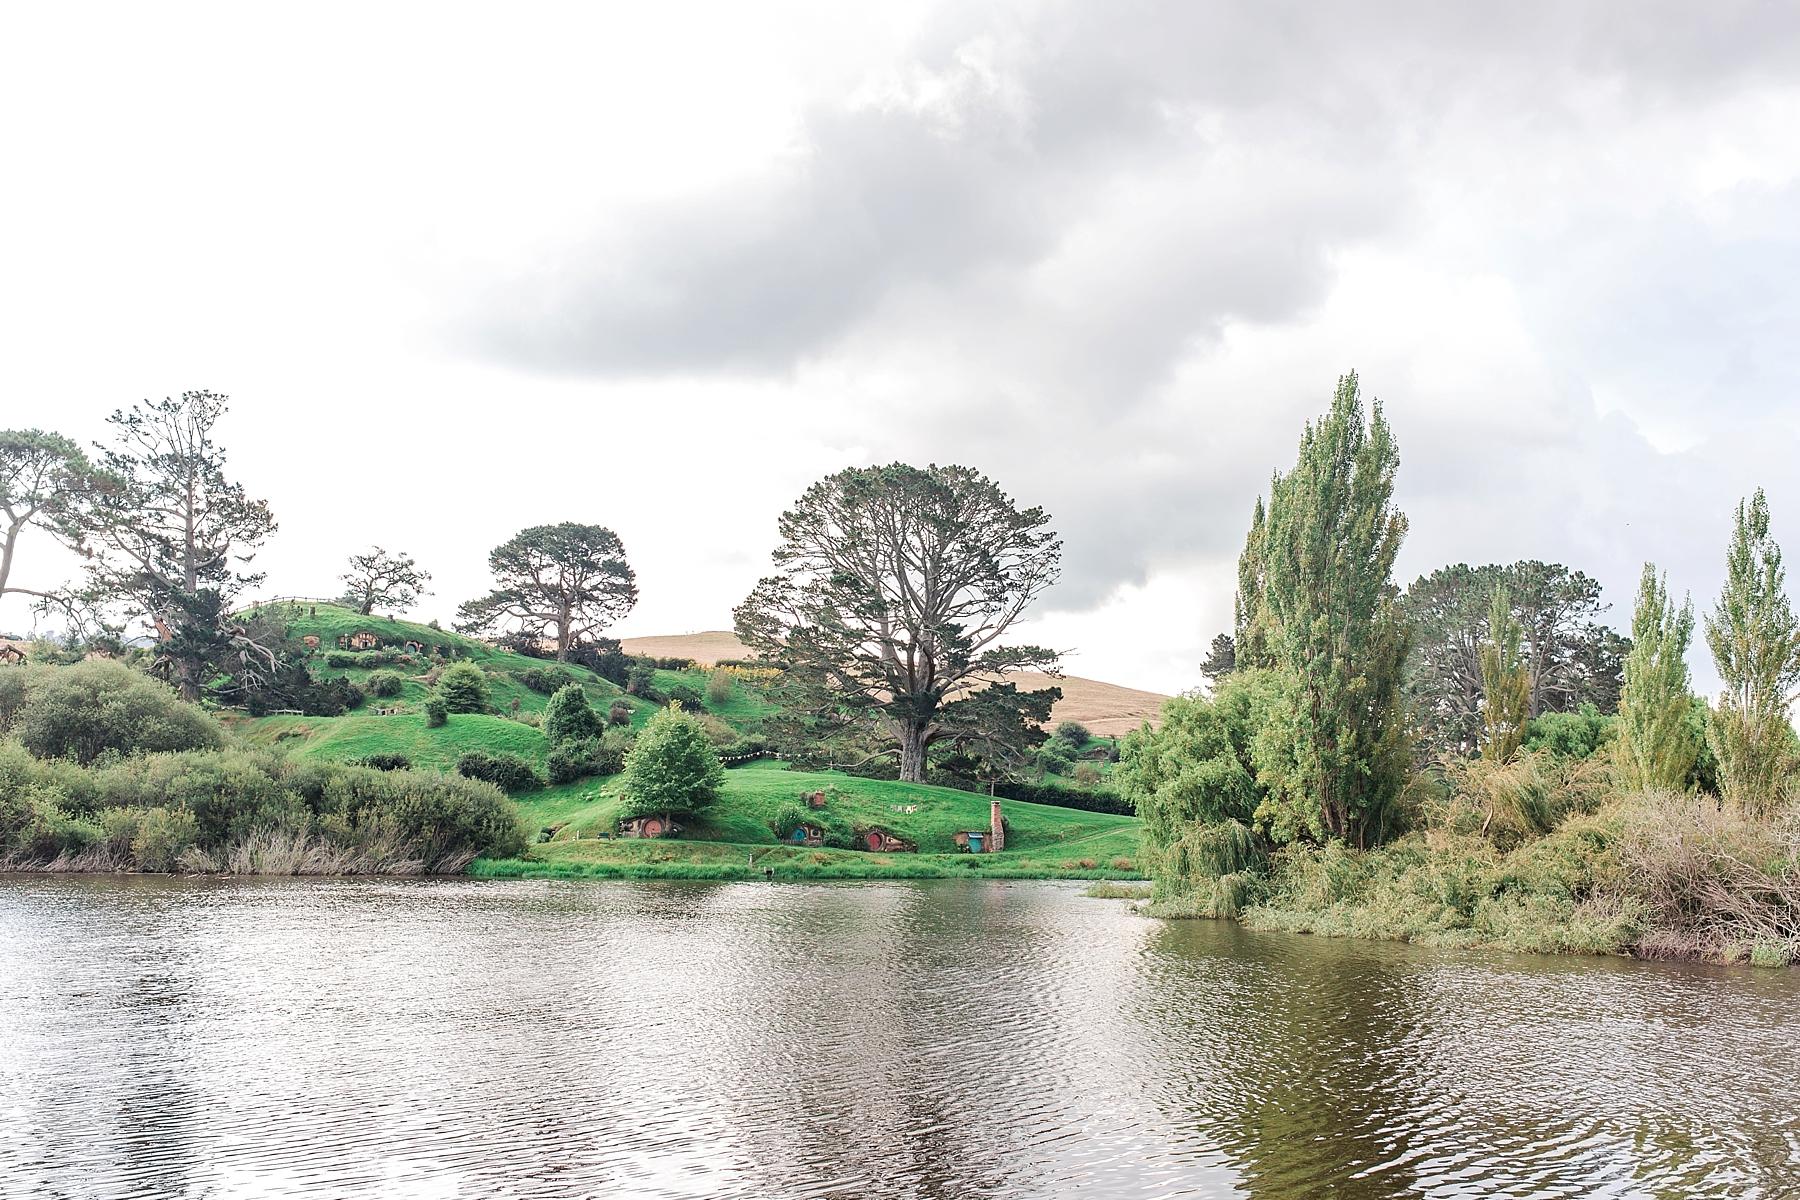 hobbiton-movie-set-matamata-hamilton-north-island-new-zealand-scenery_0266.jpg